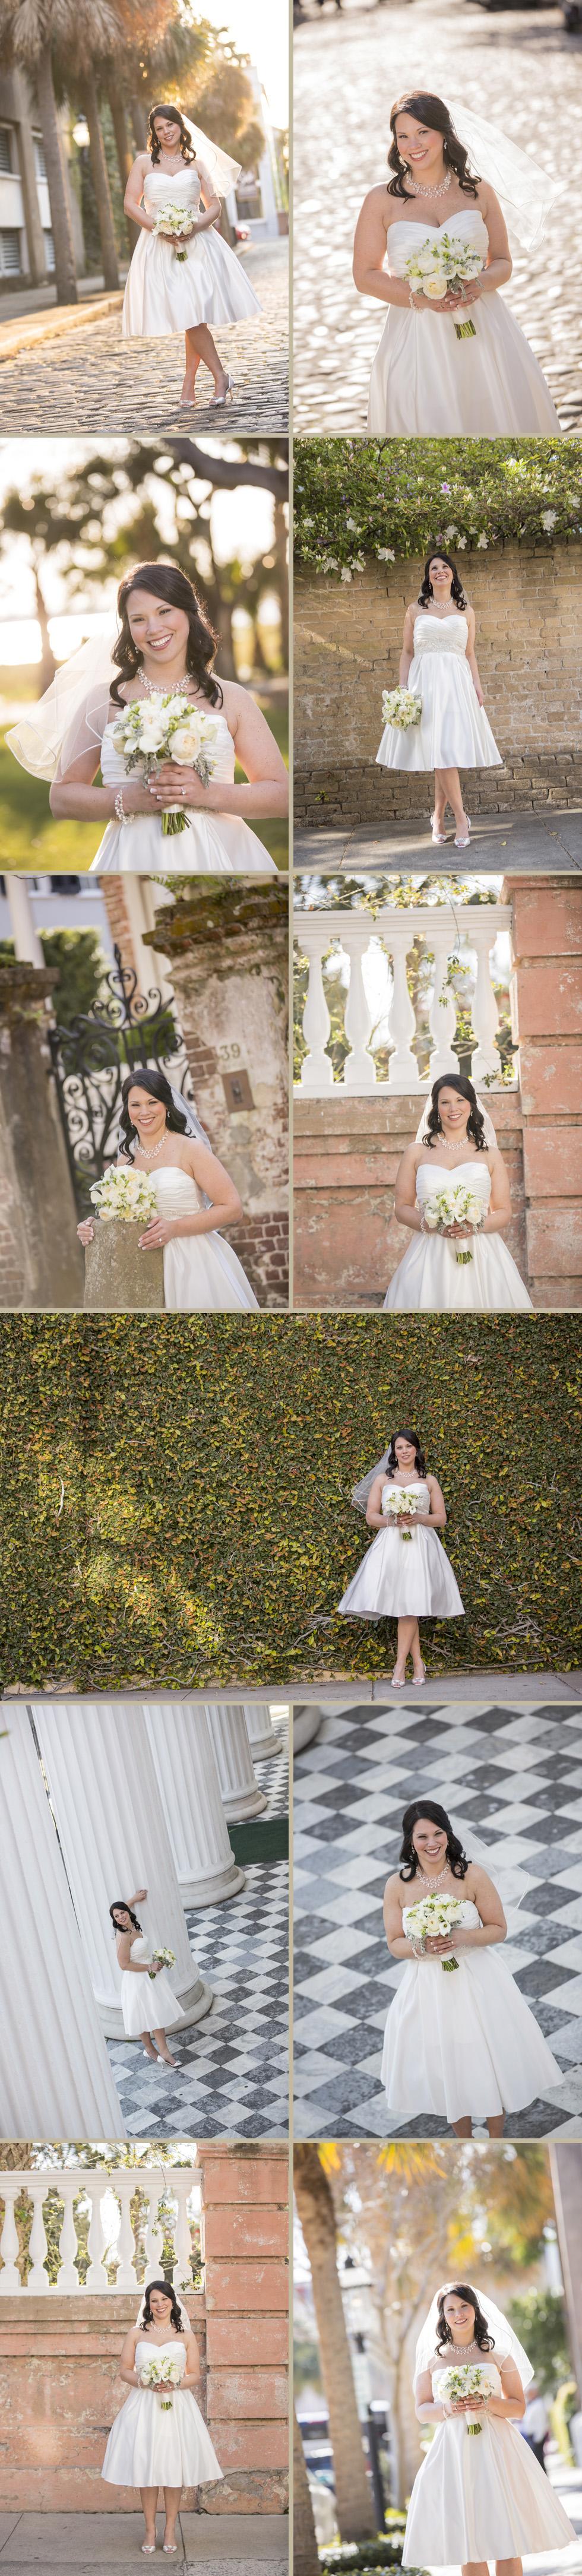 Lauren_bridal